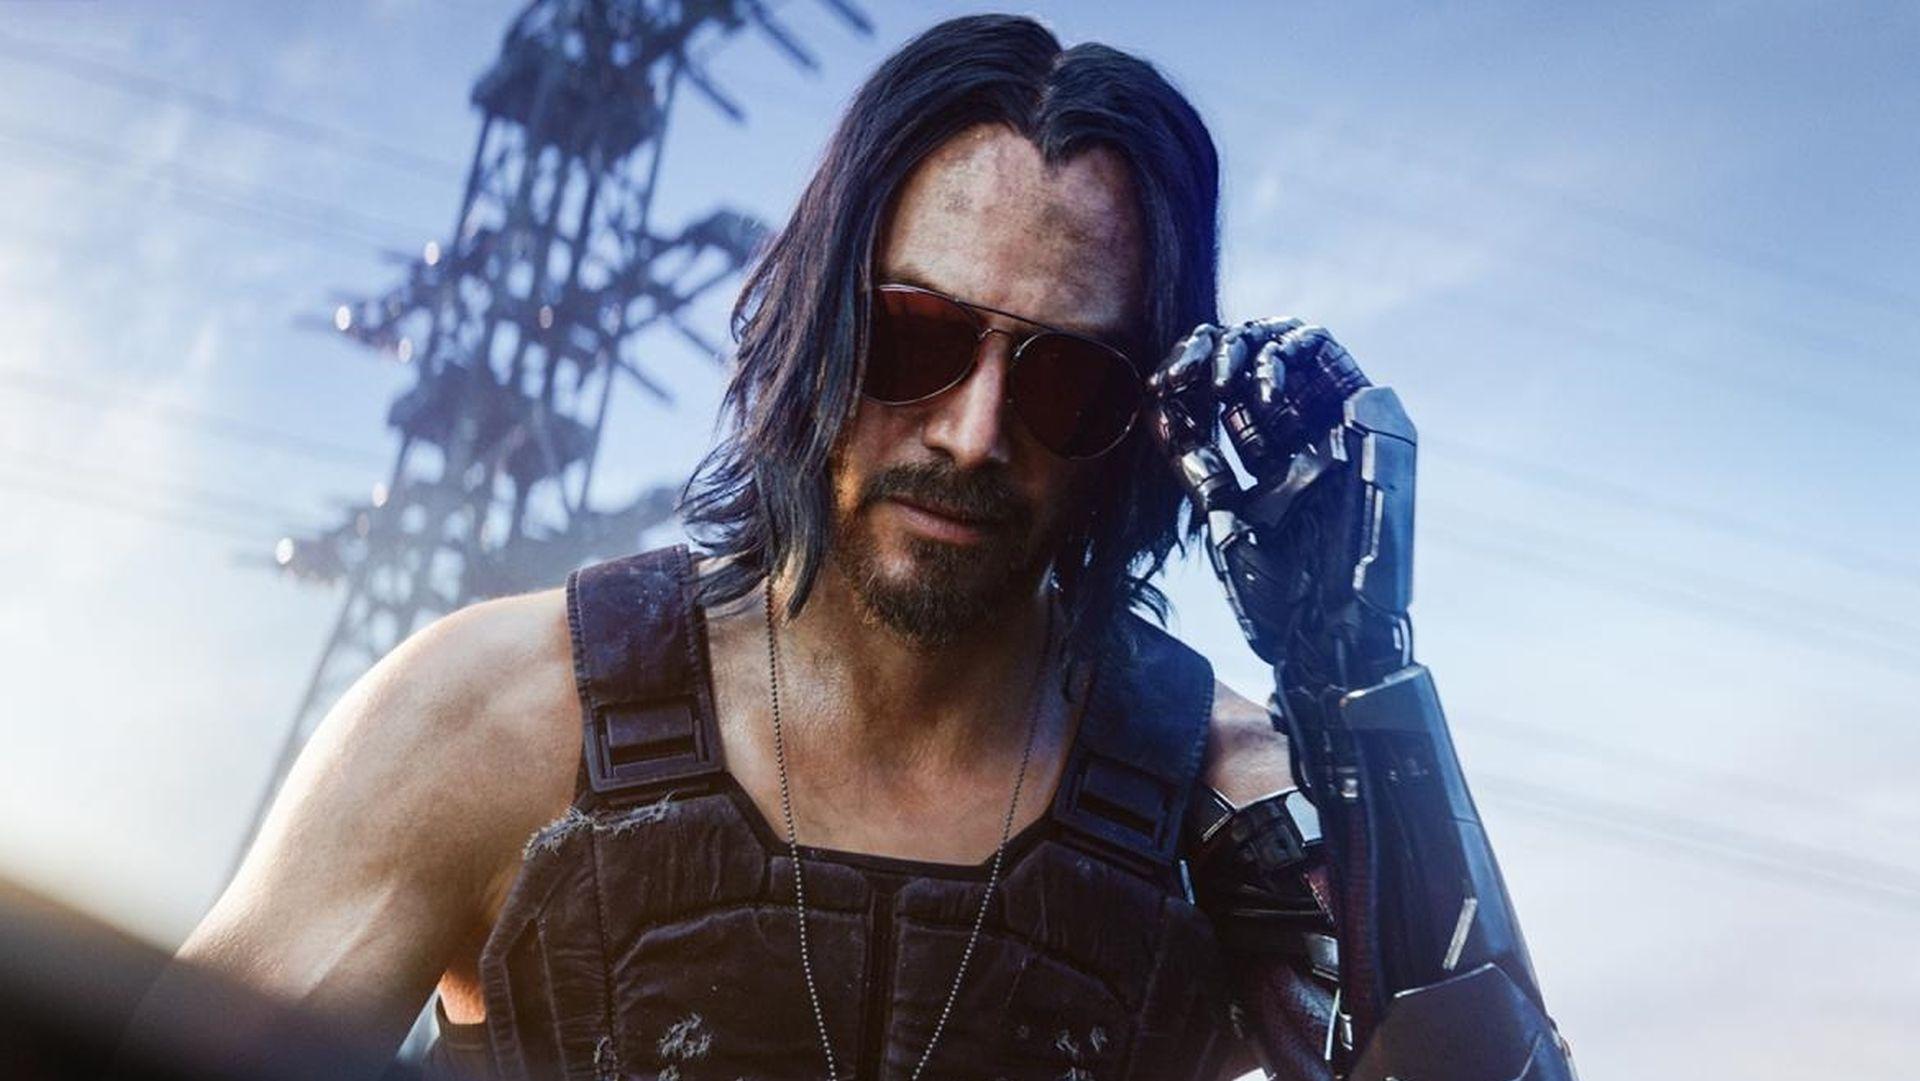 Киану Ривзу так понравилась Cyberpunk 2077, что разработчики решили вдвое удвоить время его героя